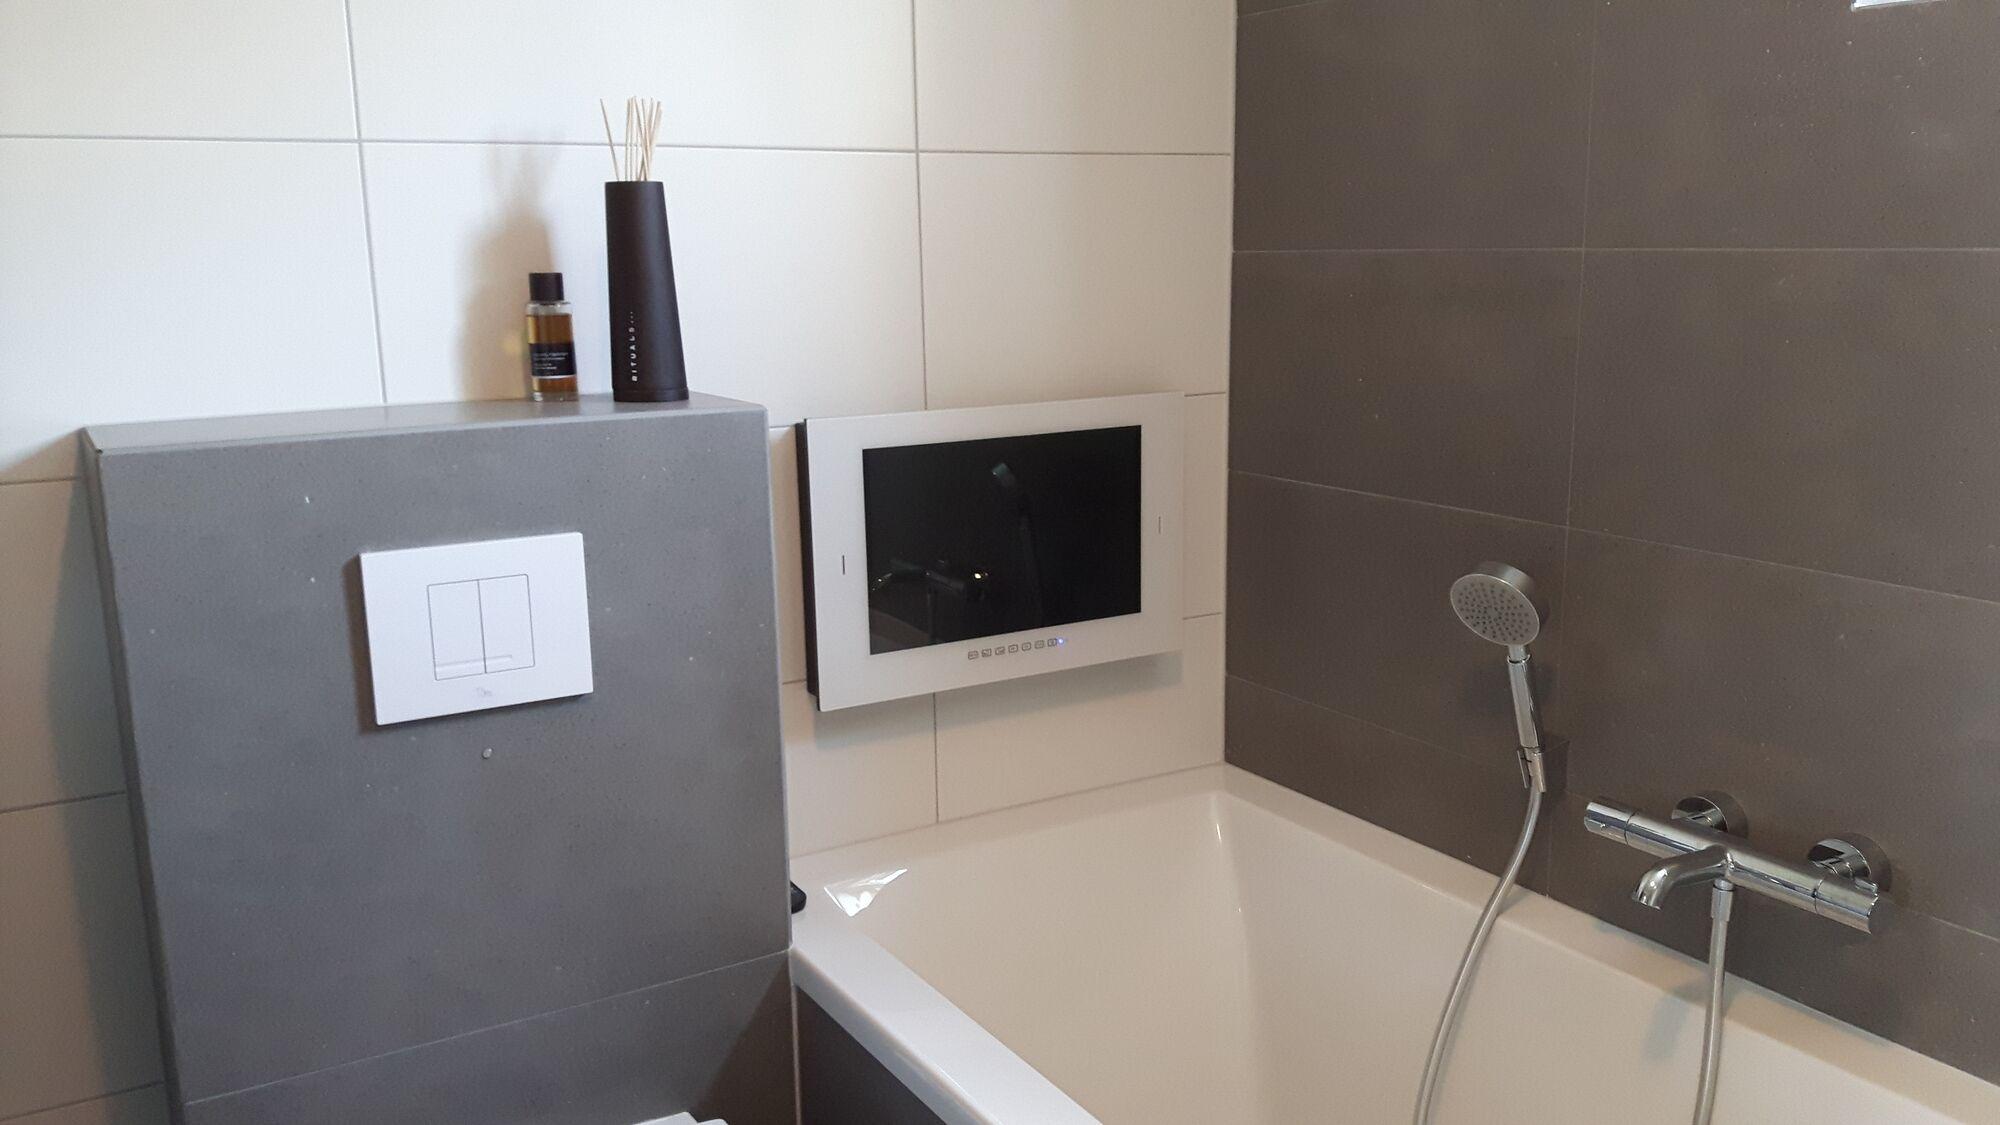 Inbouw televisie keuken aeg tv inbouwen in je keukenkastje